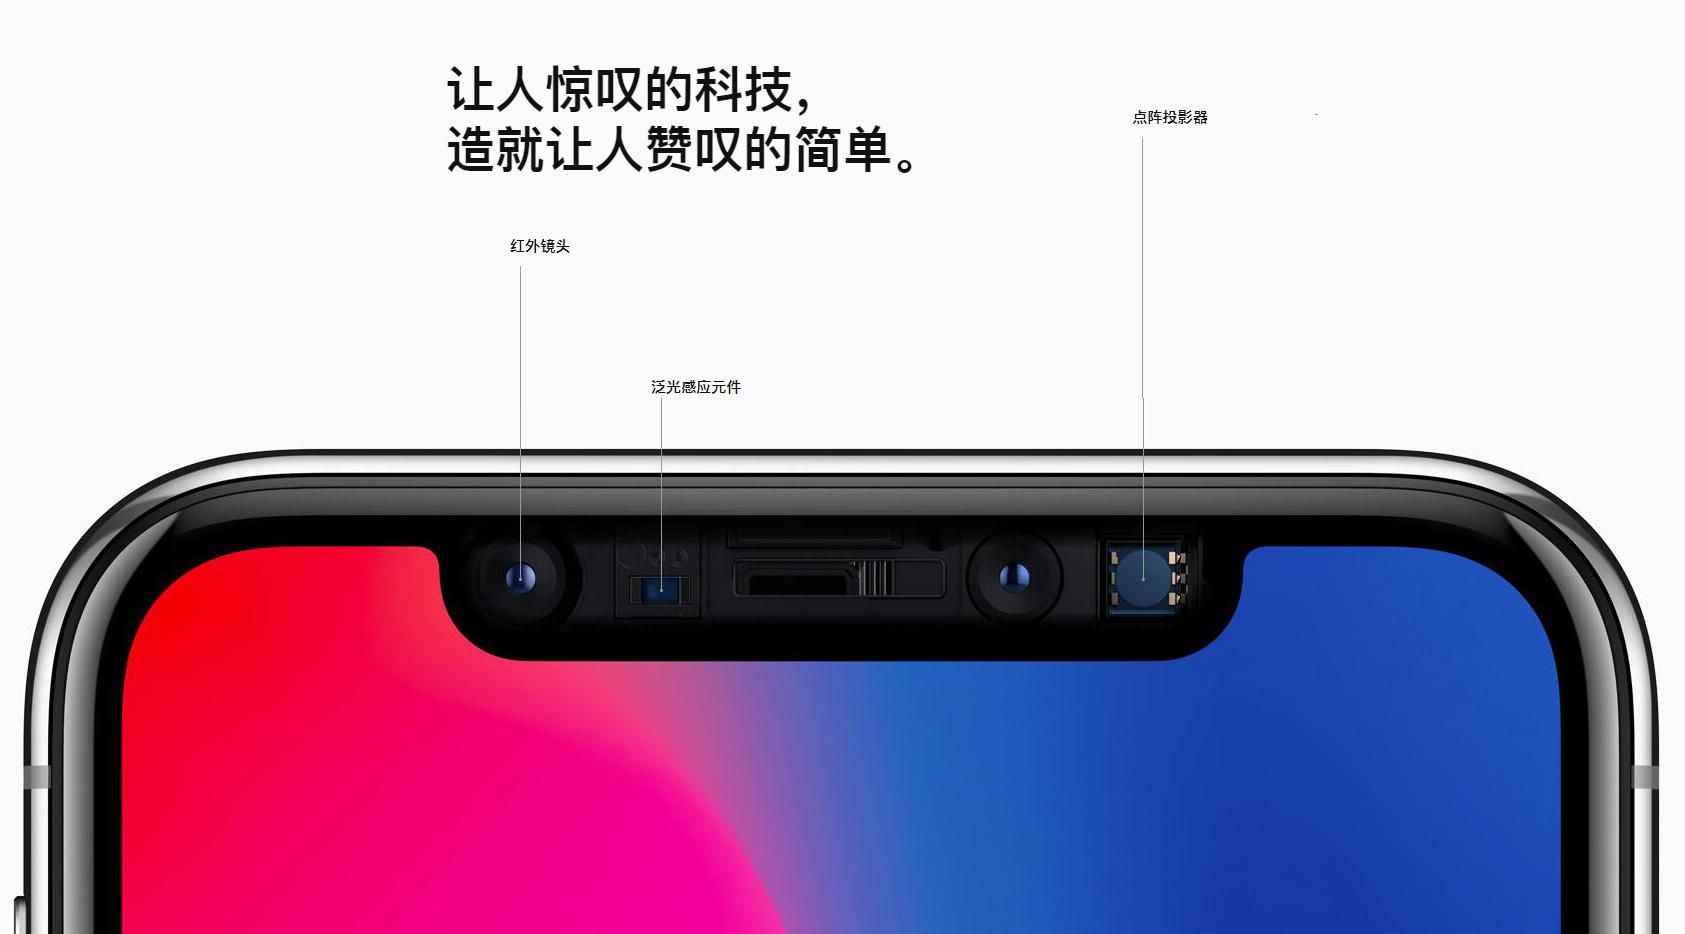 苹果将于第二季度开始试生产新一代iPhone